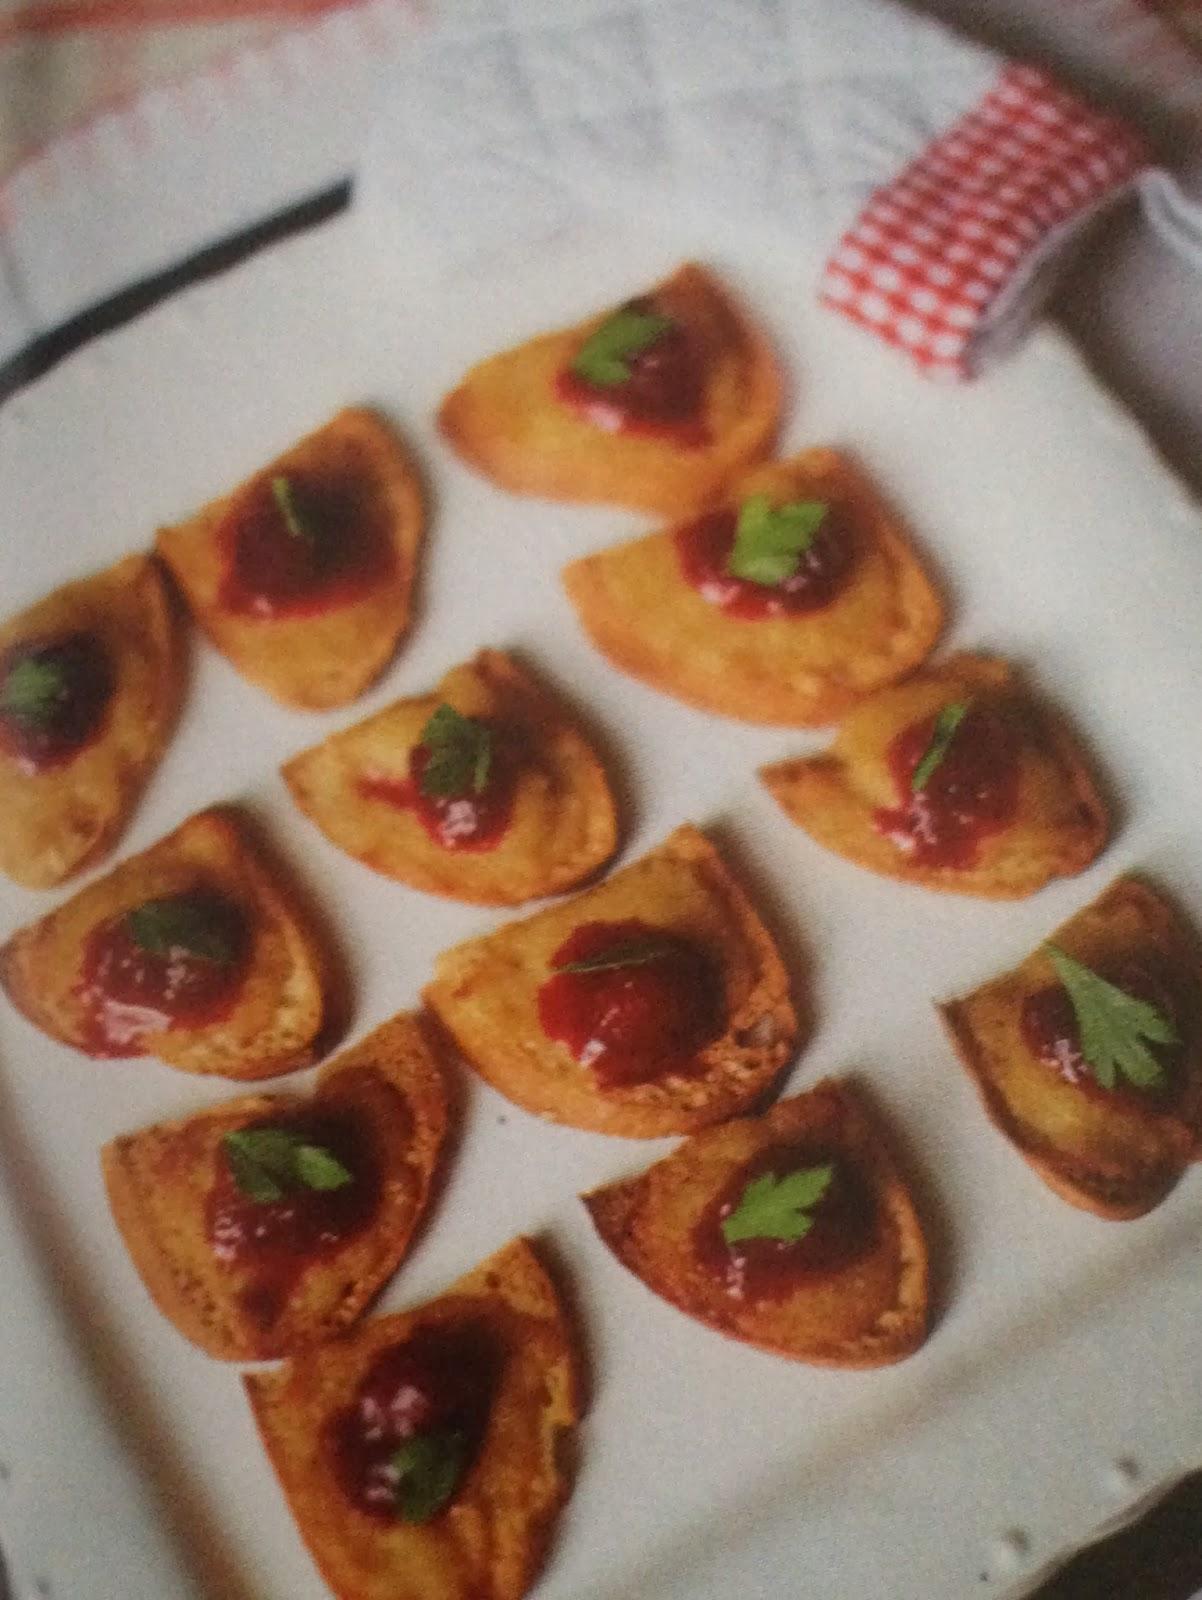 Le blog pour mes copines martini la poire for Allez cuisine translation